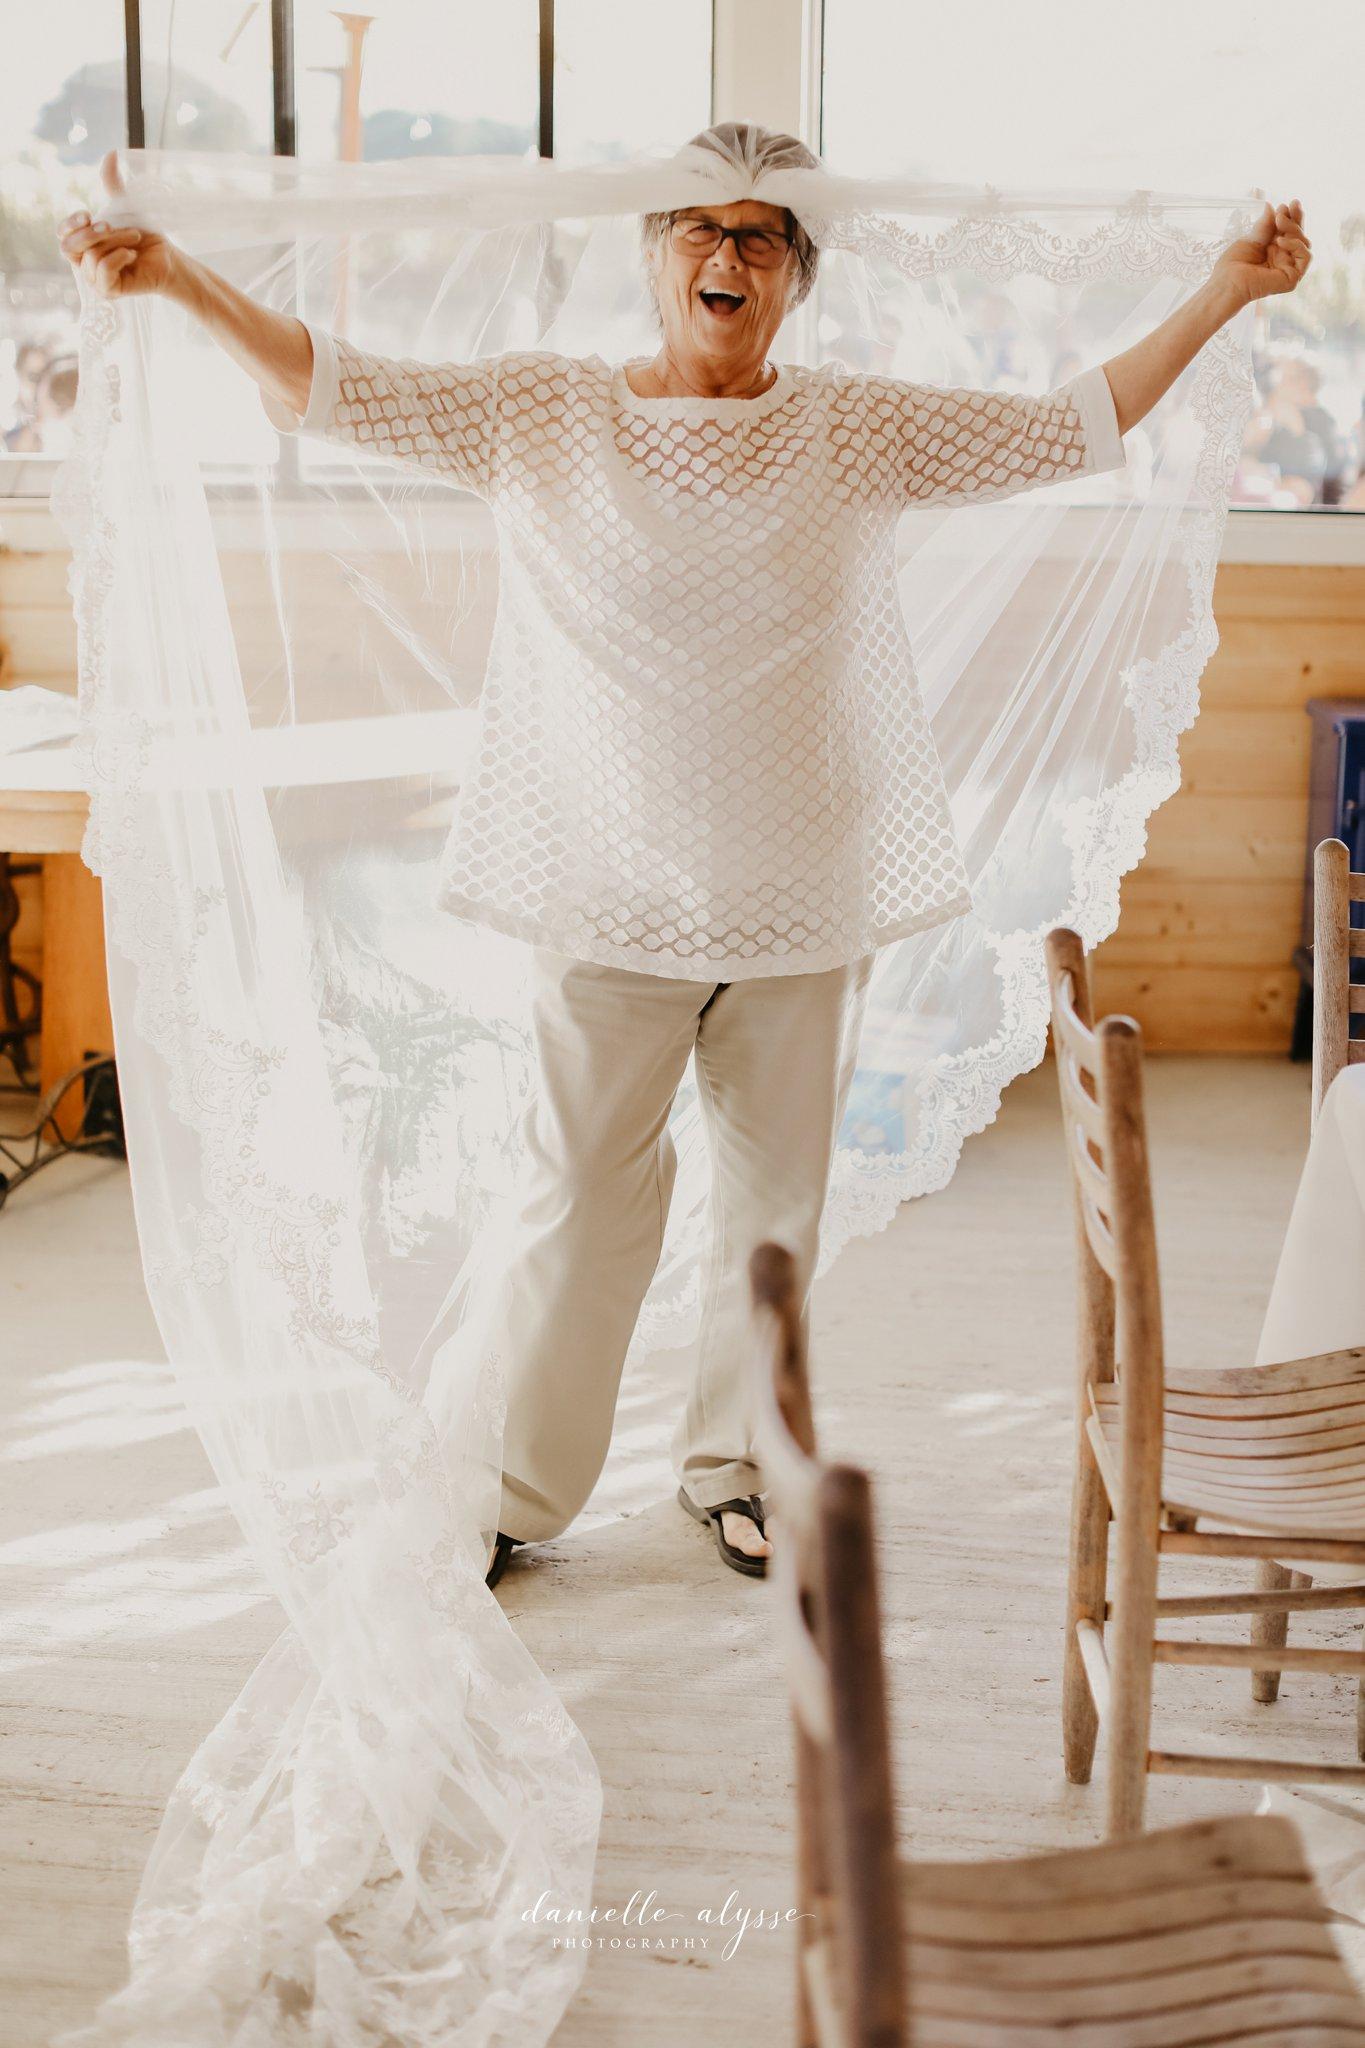 180630_wedding_lily_ryan_mission_soledad_california_danielle_alysse_photography_blog_868_WEB.jpg